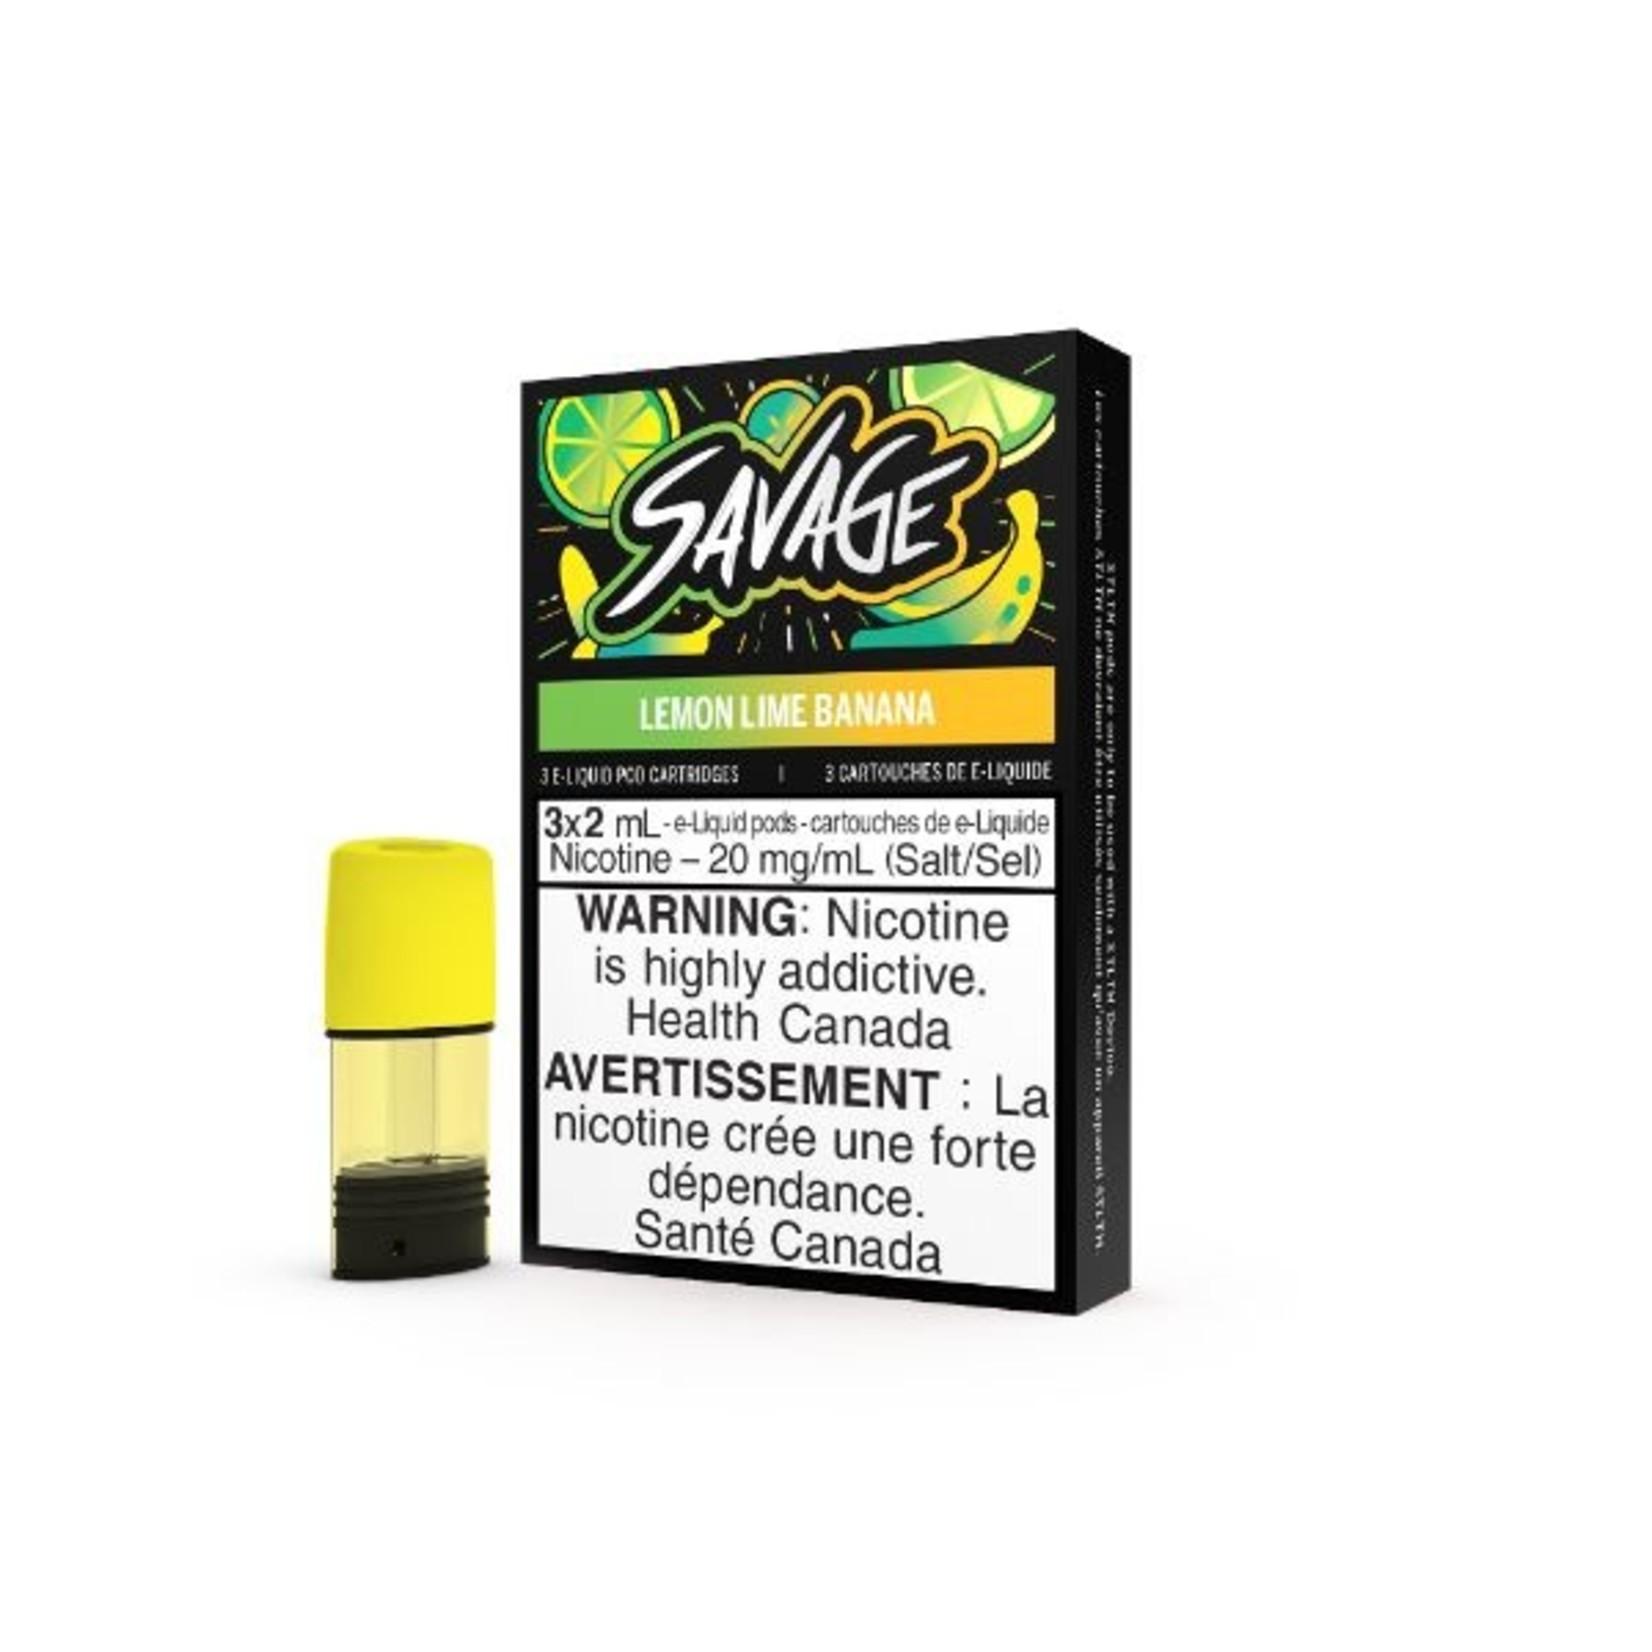 Savage Lemon Lime Banana (STLTH POD)